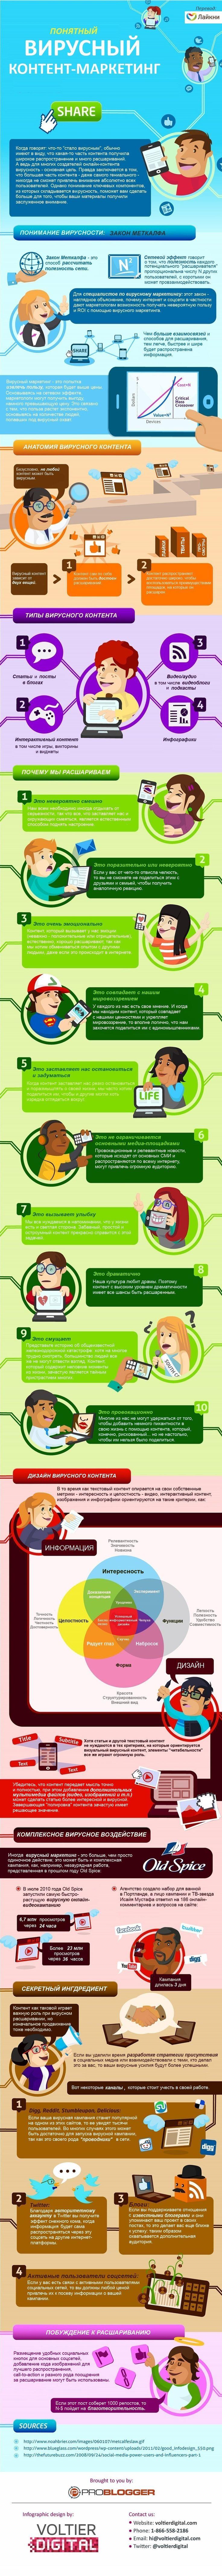 О контенте! Инфографика: Понятный вирусный контент-маркетинг